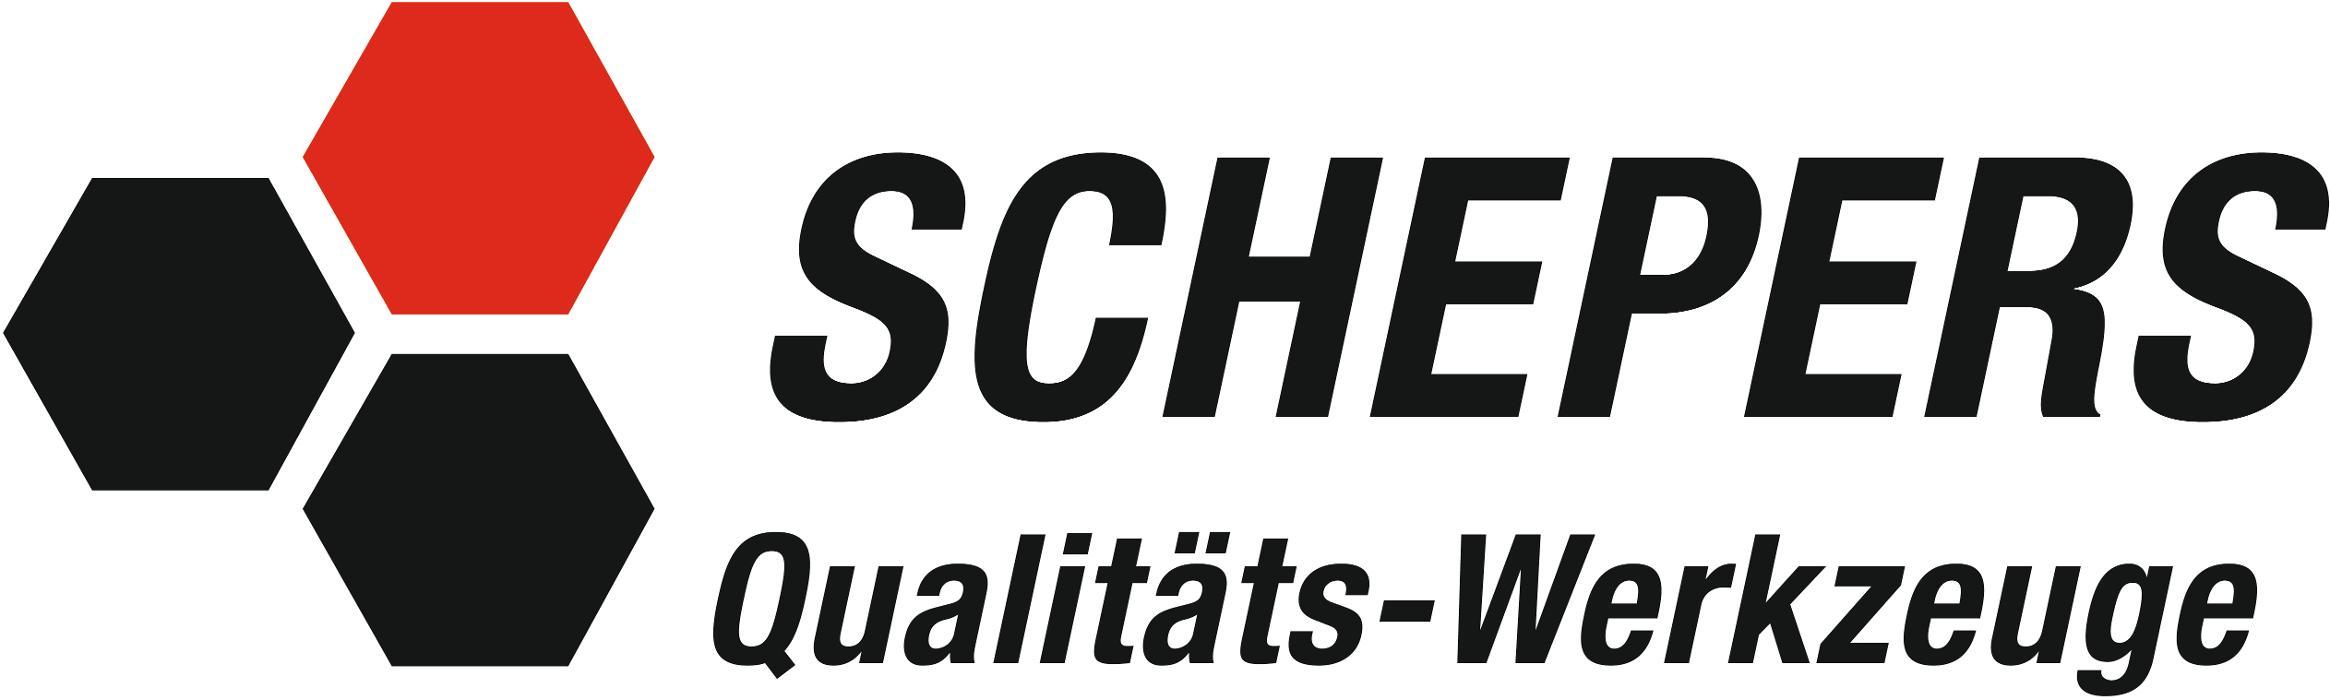 Bild zu Schepers Werkzeug-Vertrieb in Sendenhorst